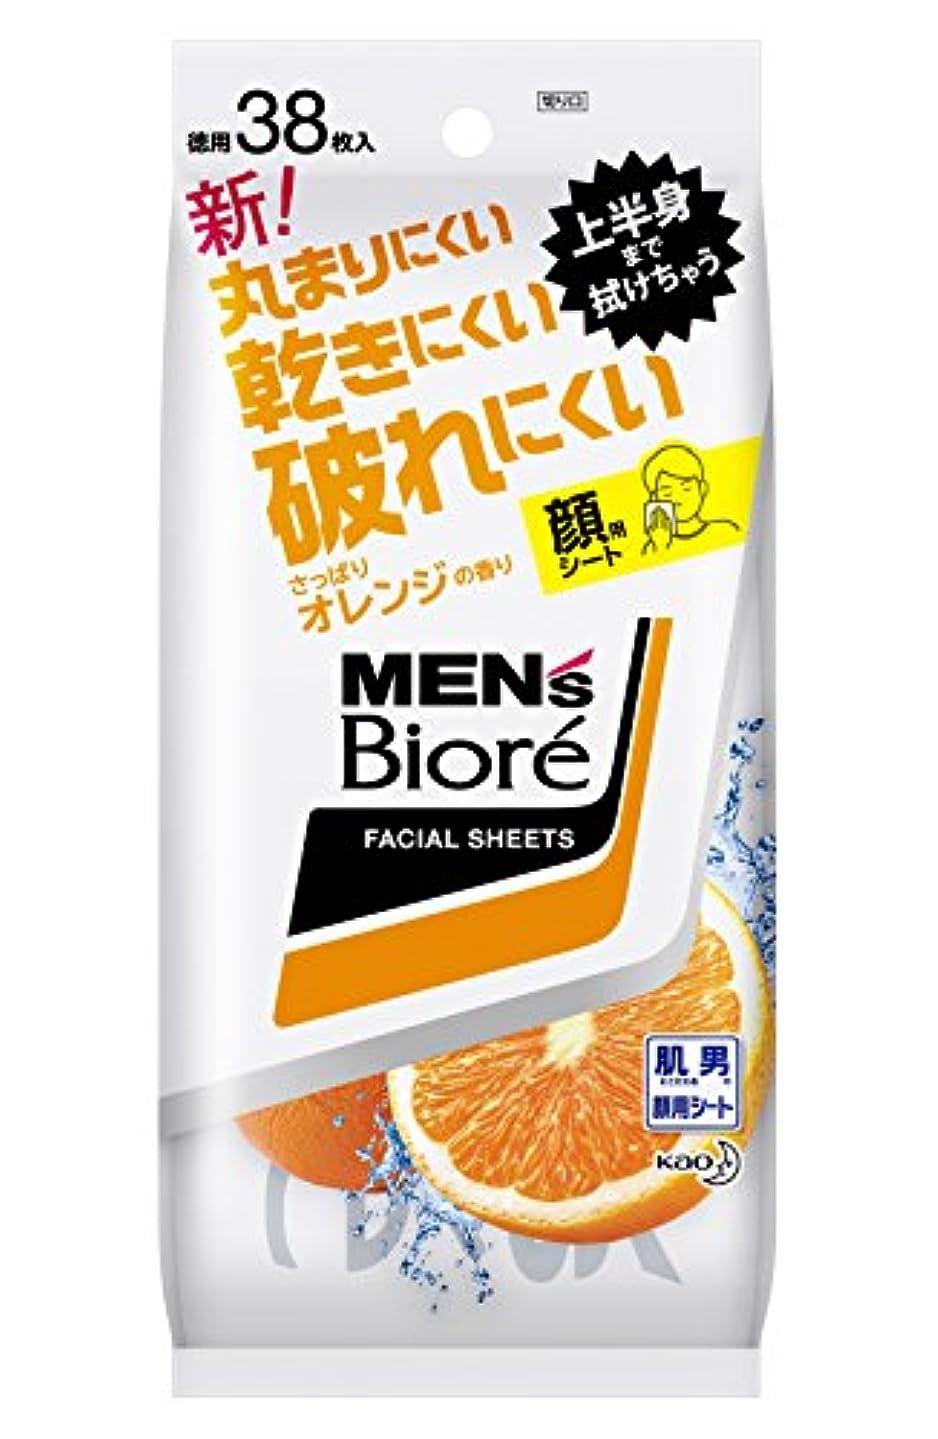 ヘルシー晩餐アルカイックメンズビオレ 洗顔シート さっぱりオレンジの香り <卓上タイプ> 38枚入